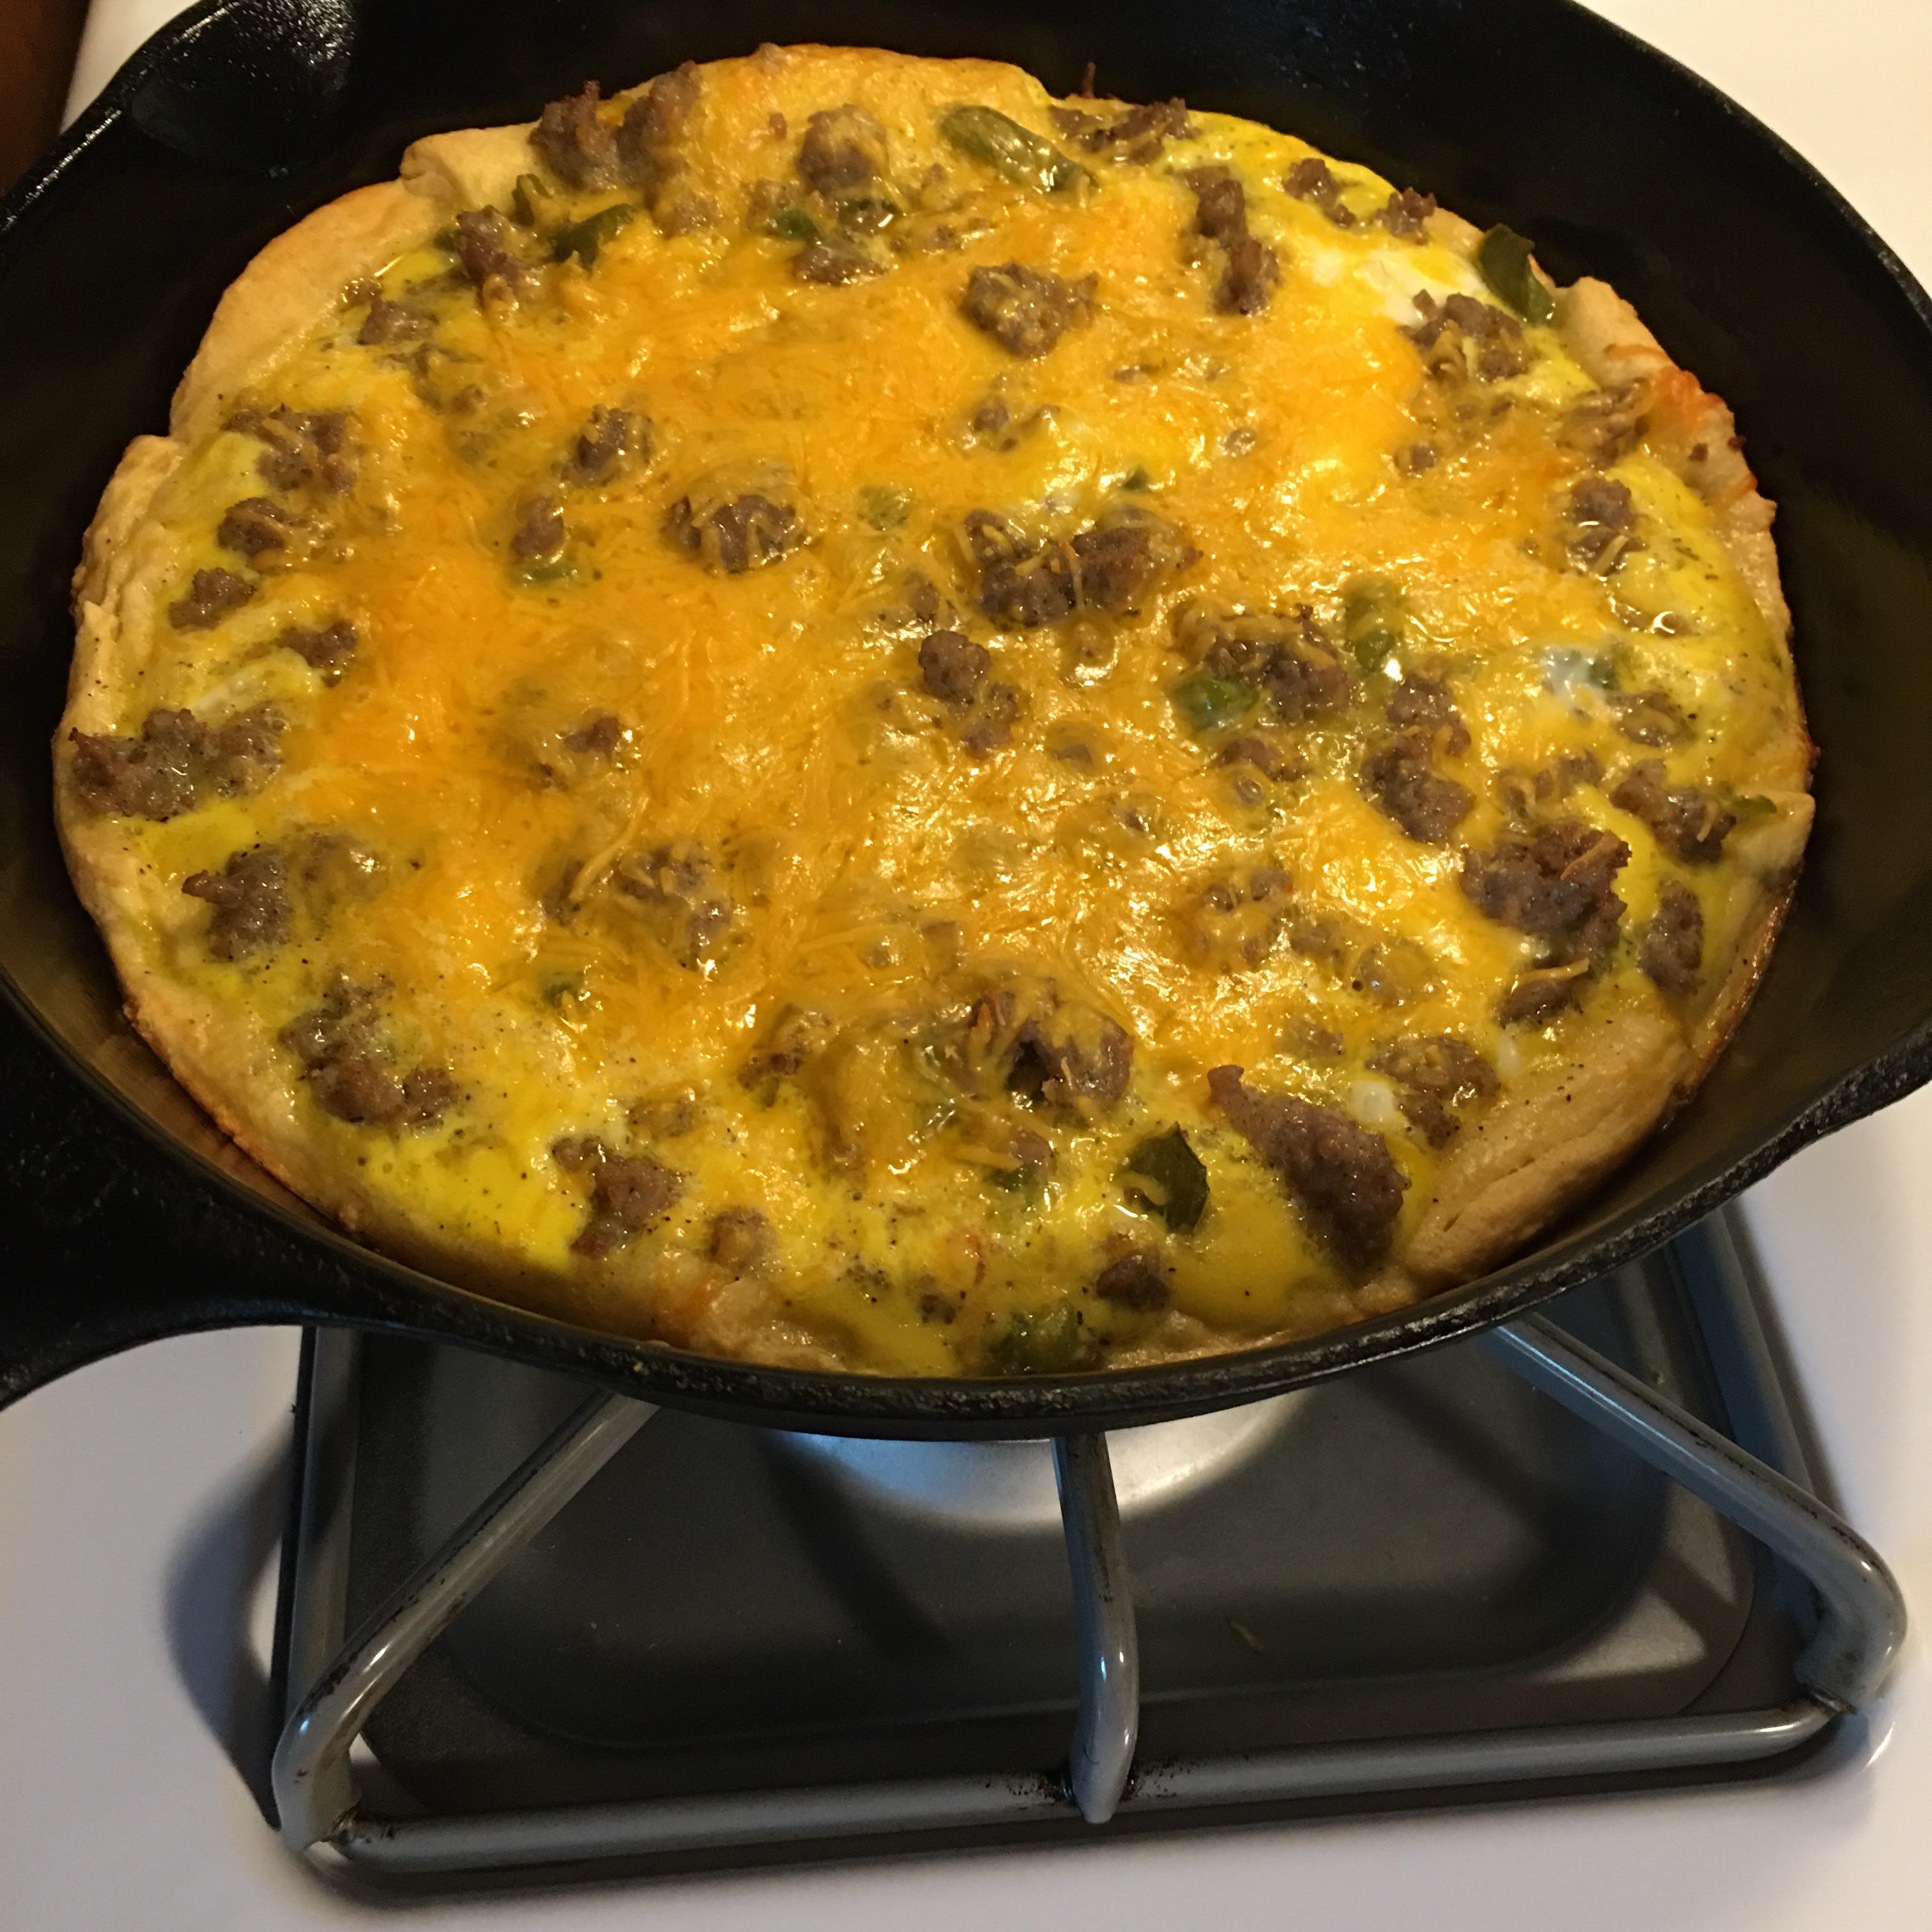 Jimmy Dean Sausage Breakfast Pizza